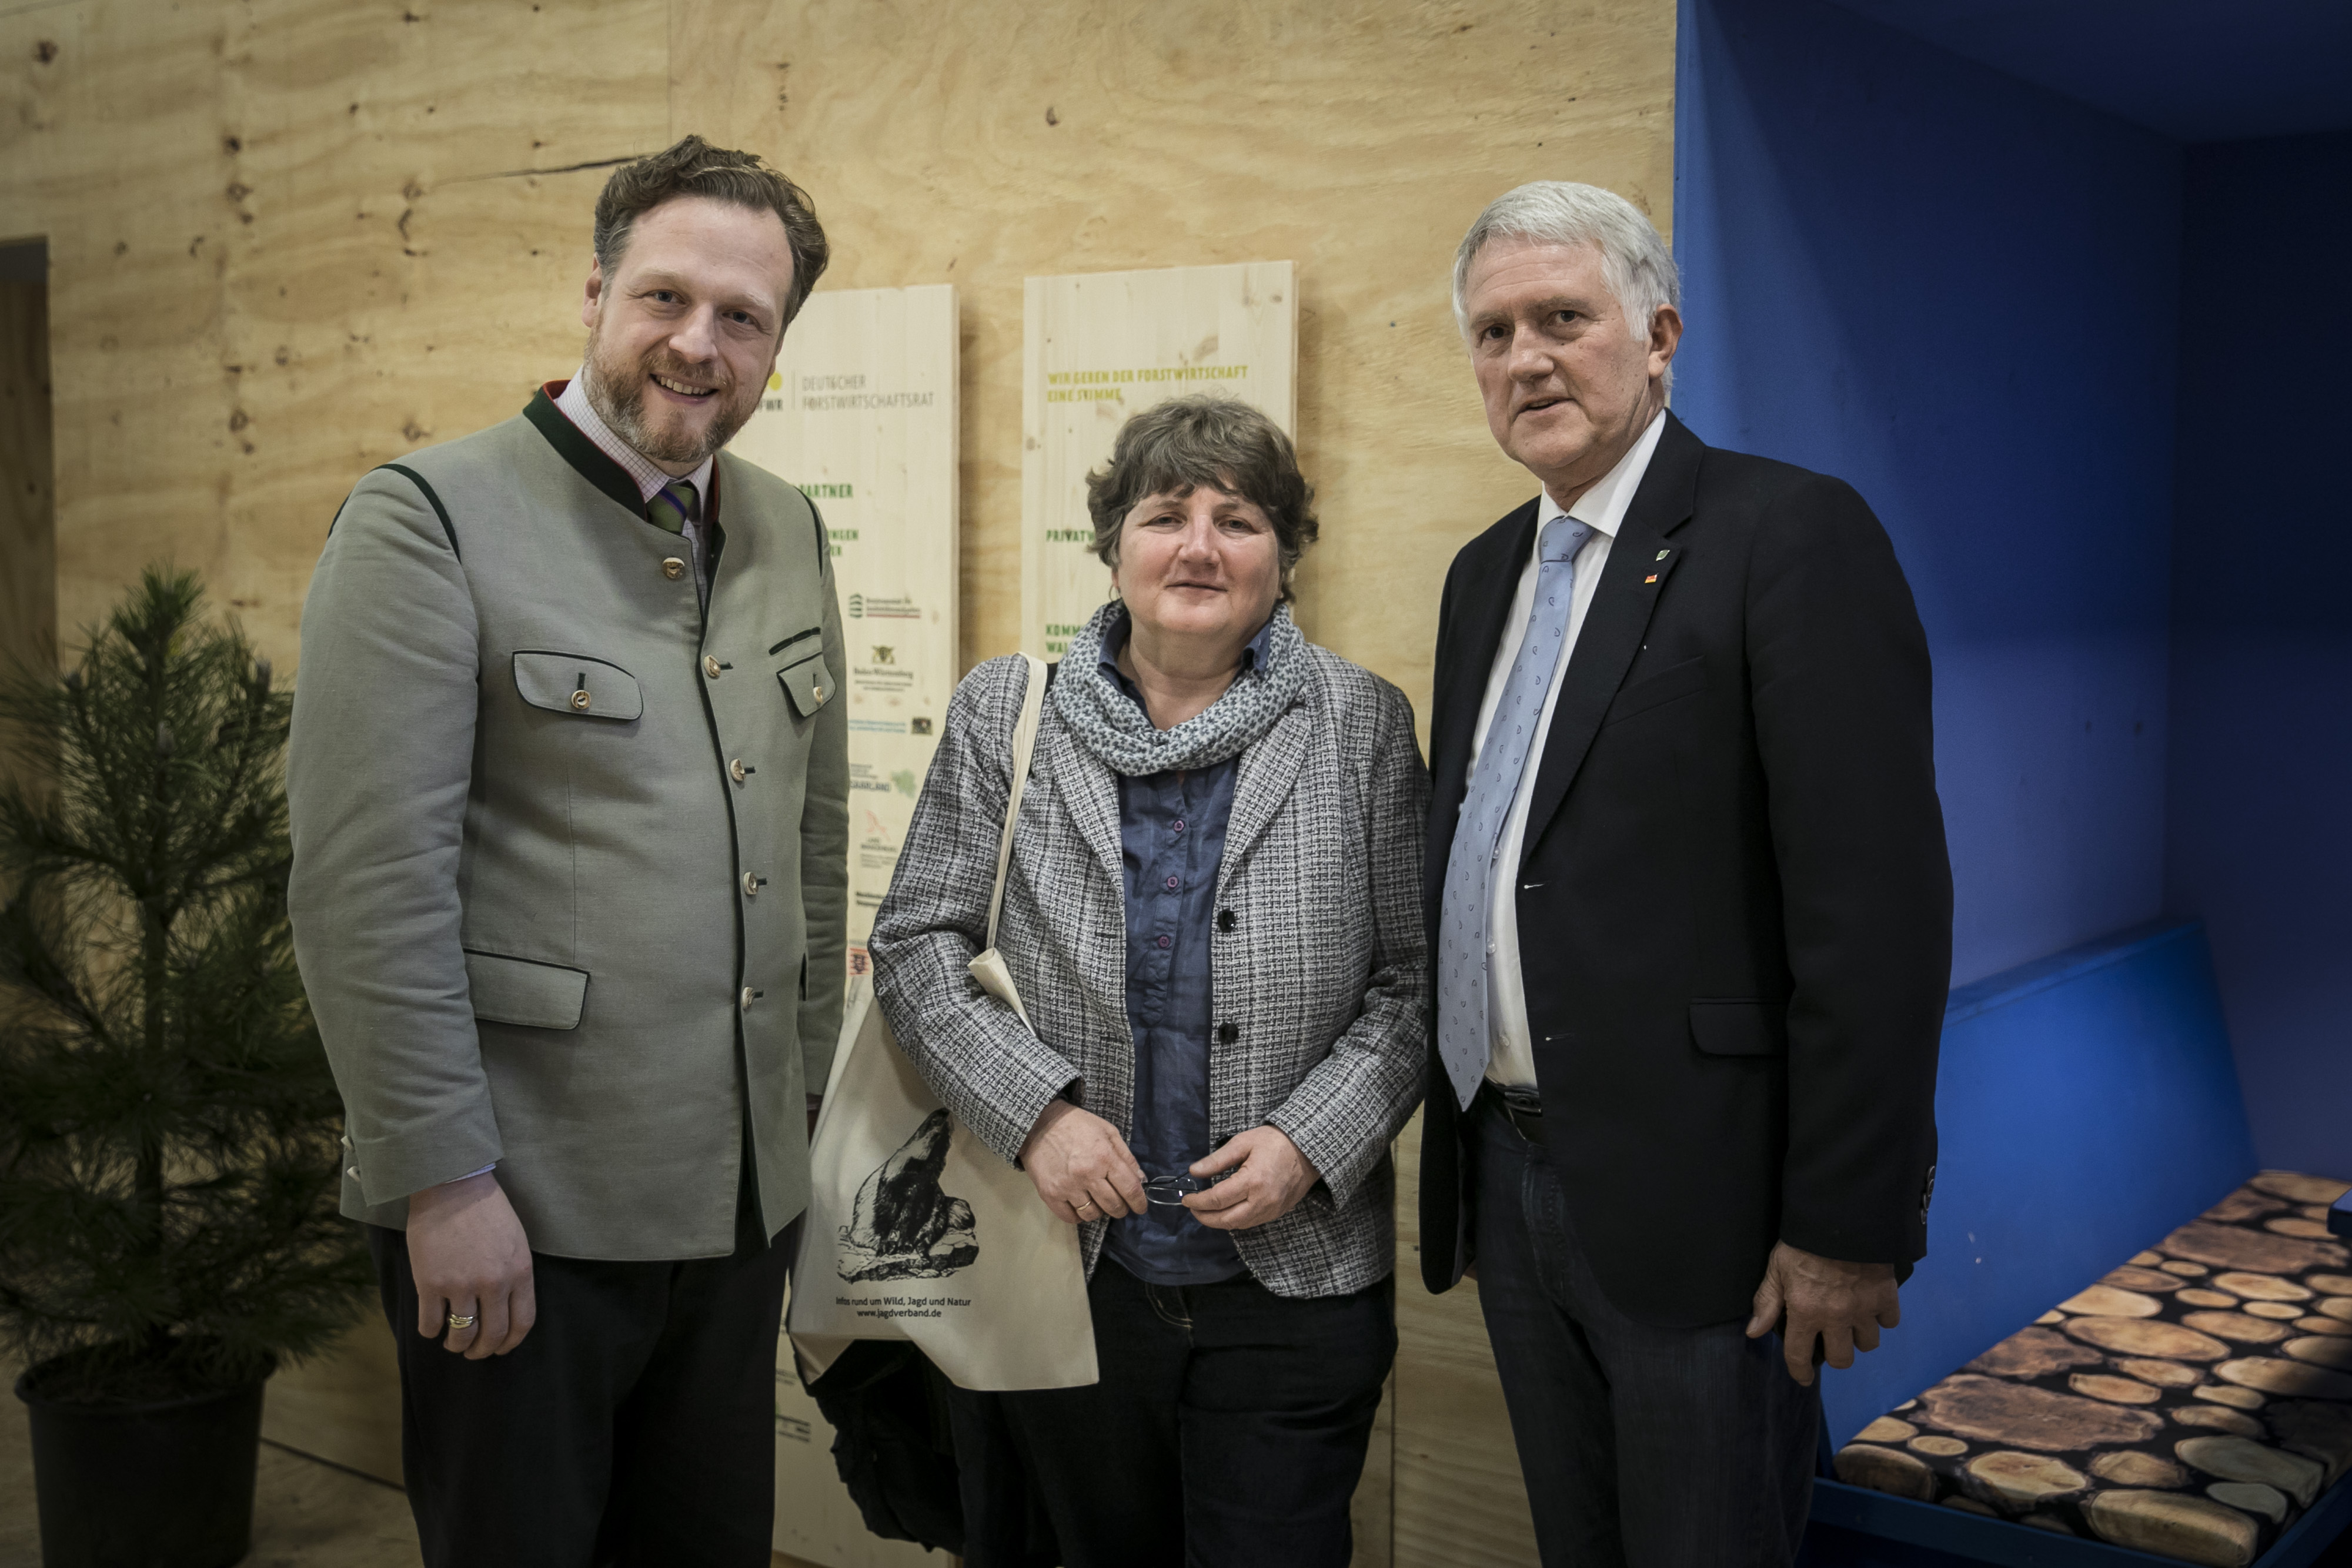 Hauptgeschäftsführer Alexander Zeihe mit Dr. Kirsten Tackmann, MdB